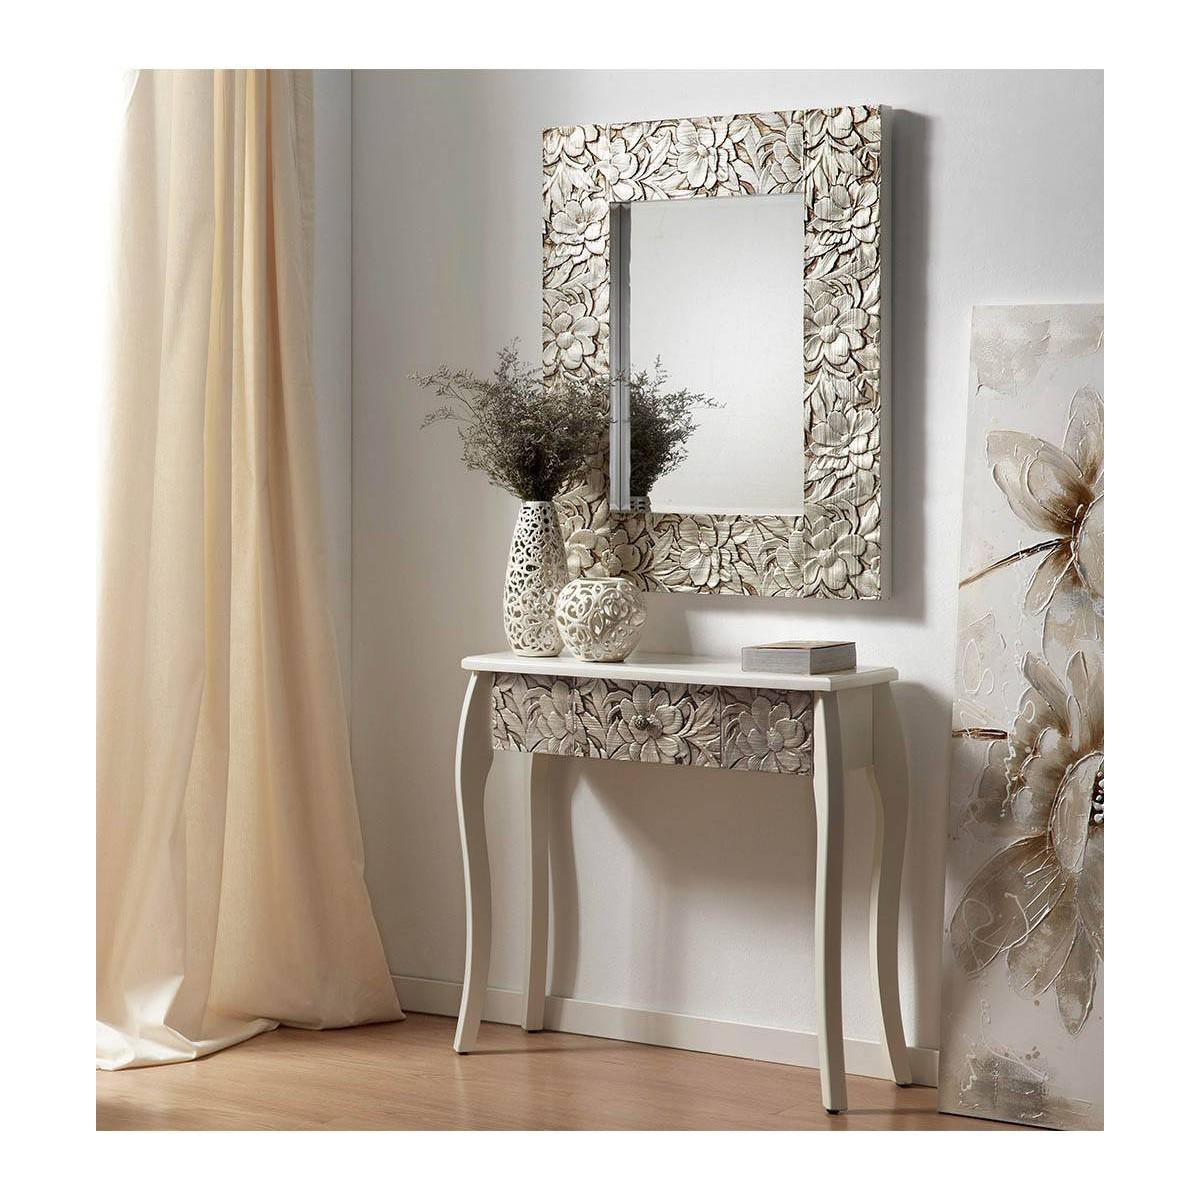 Espejo grande madera tallada plata for Disenos de espejos tallados en madera